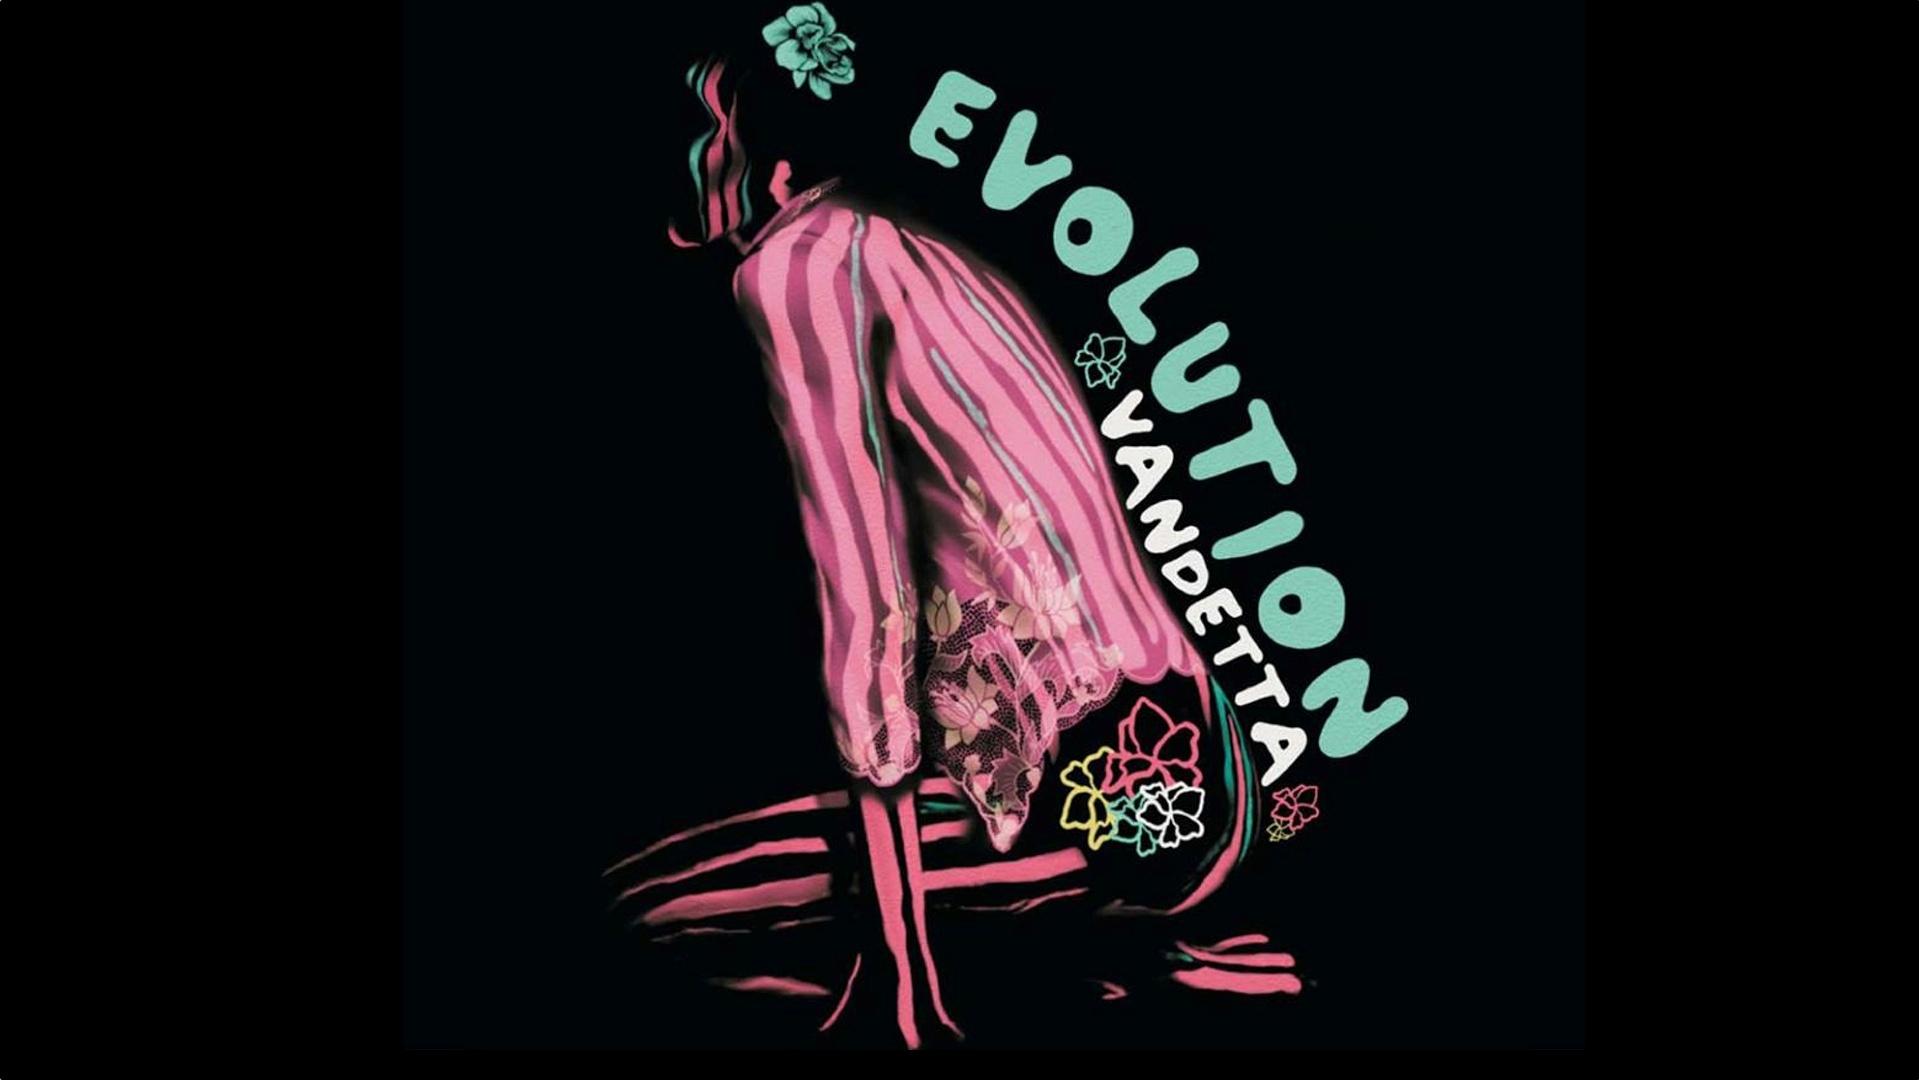 Evolution by Vandetta